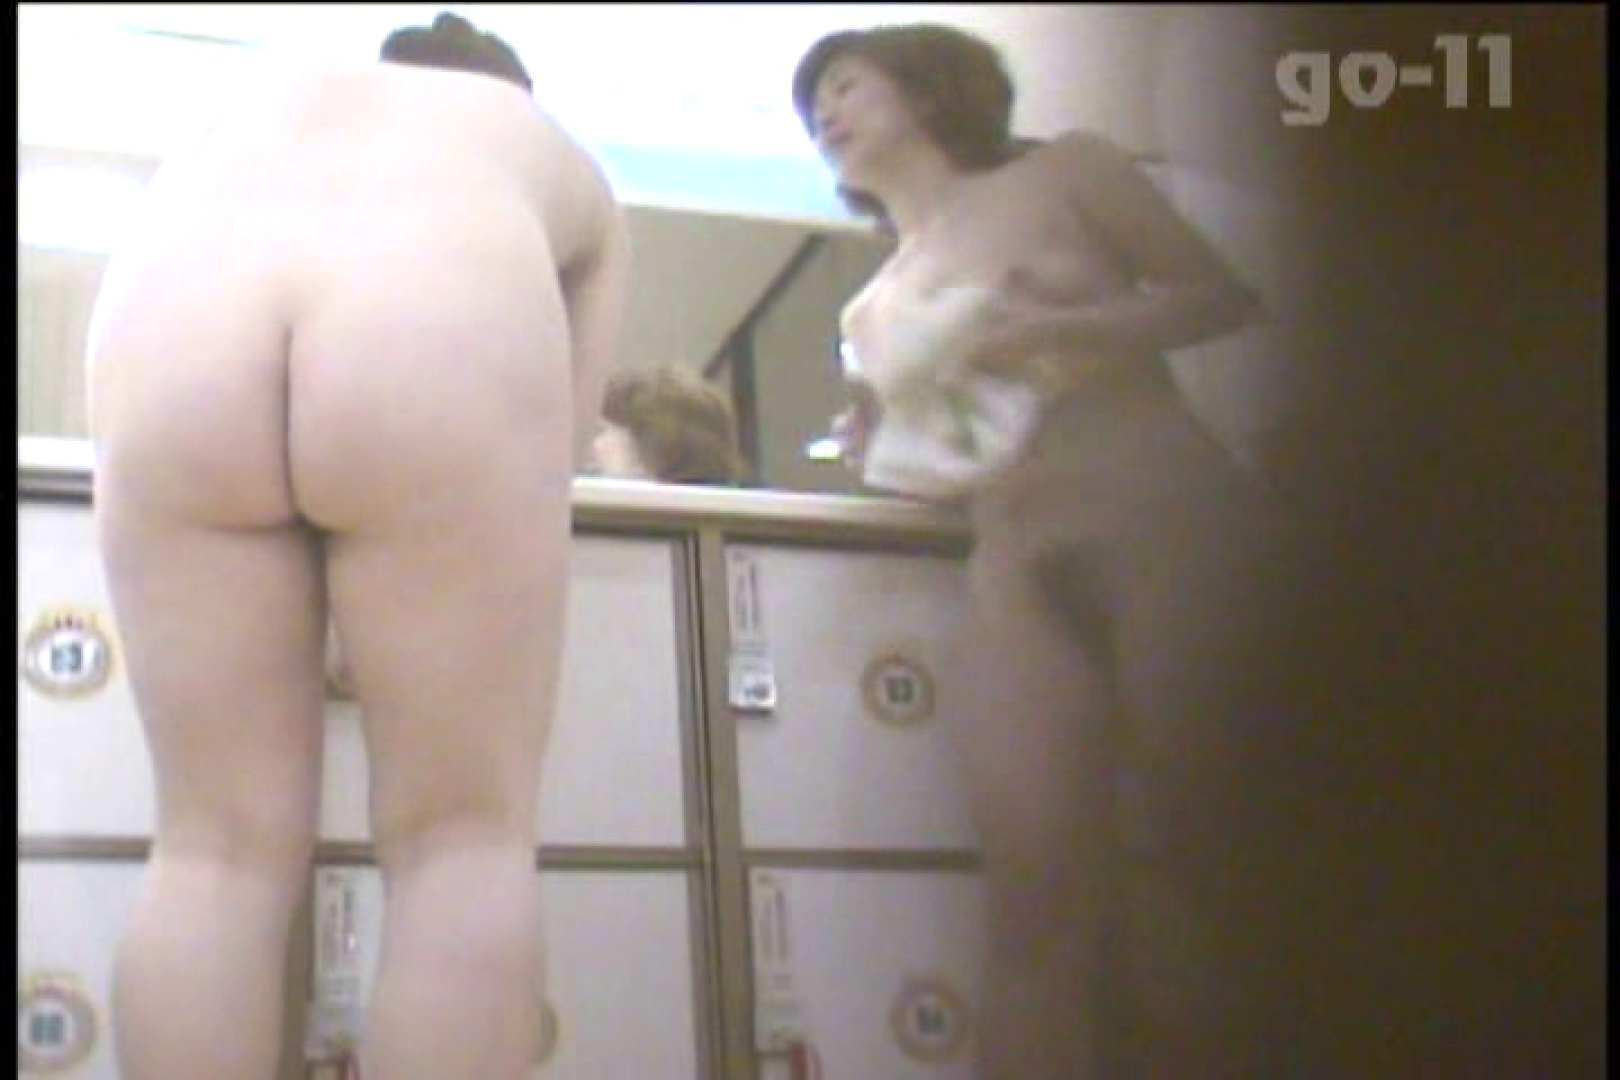 電波カメラ設置浴場からの防HAN映像 Vol.11 盗撮  76pic 63